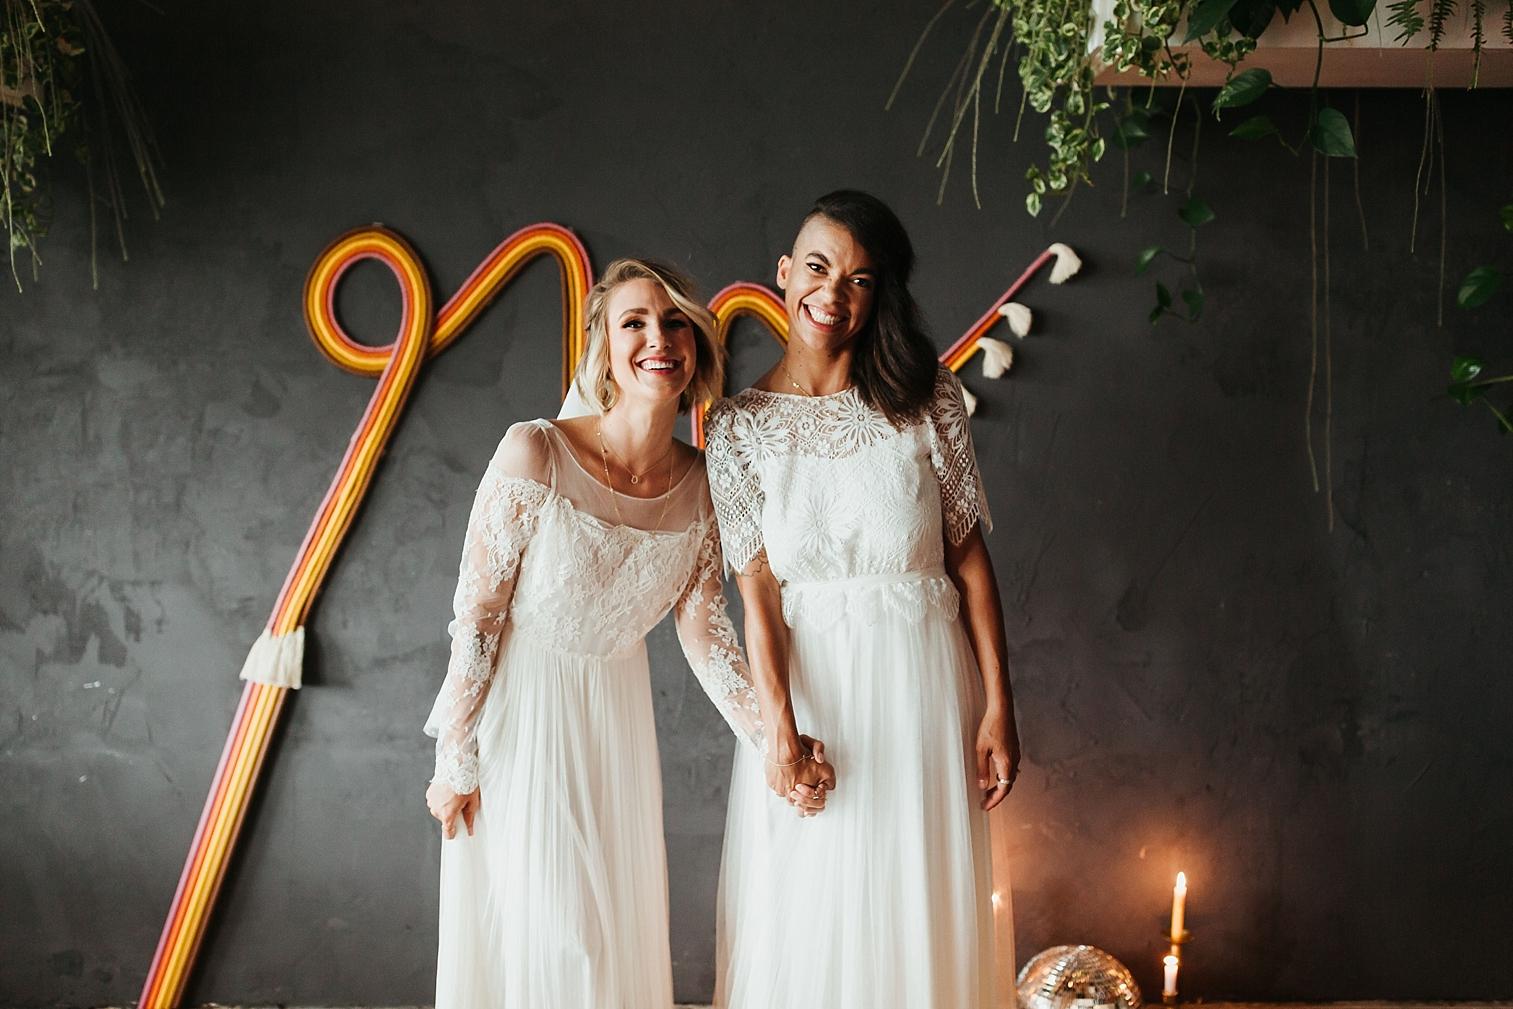 Fruitcraft-Hillcrest-San-Diego-Wedding-56.jpg